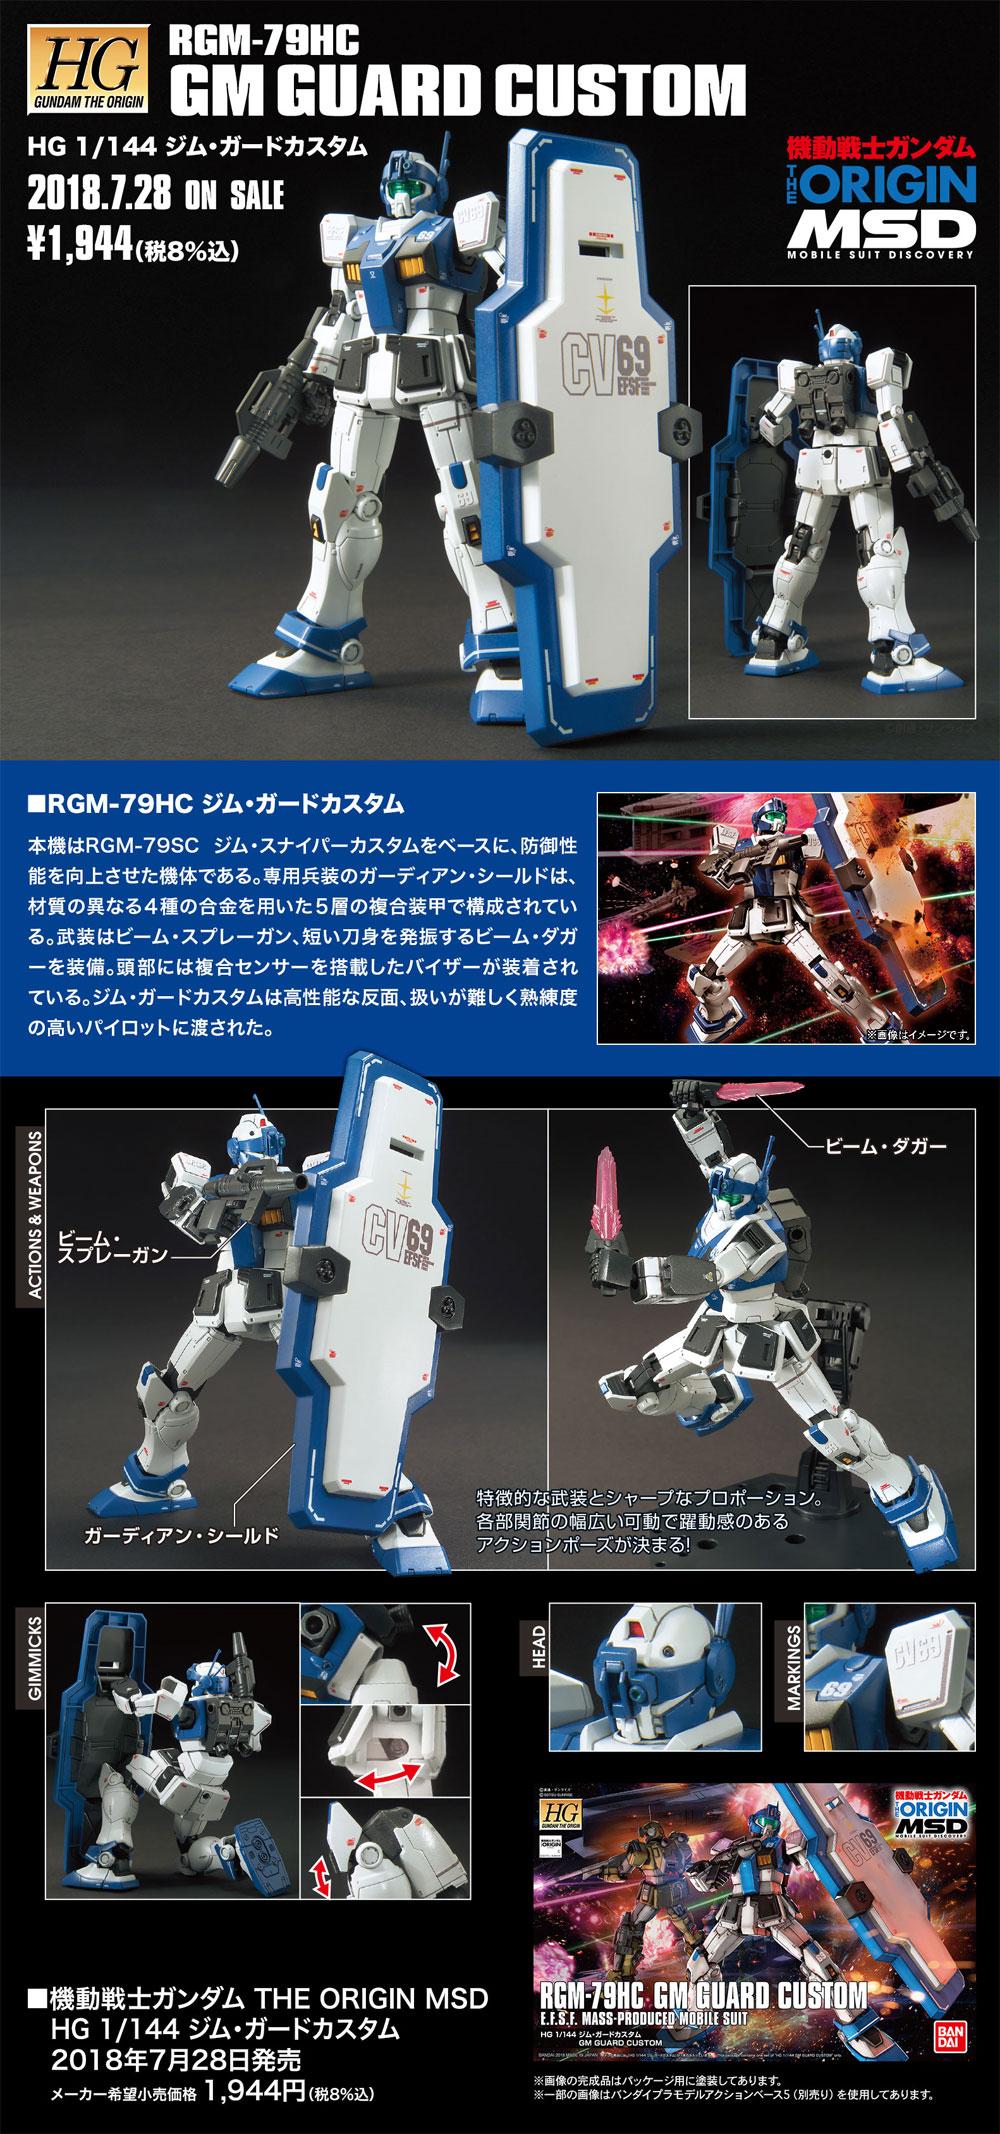 RGM-79HC ジム・ガードカスタムプラモデル(バンダイHG ジ・オリジンNo.022)商品画像_4